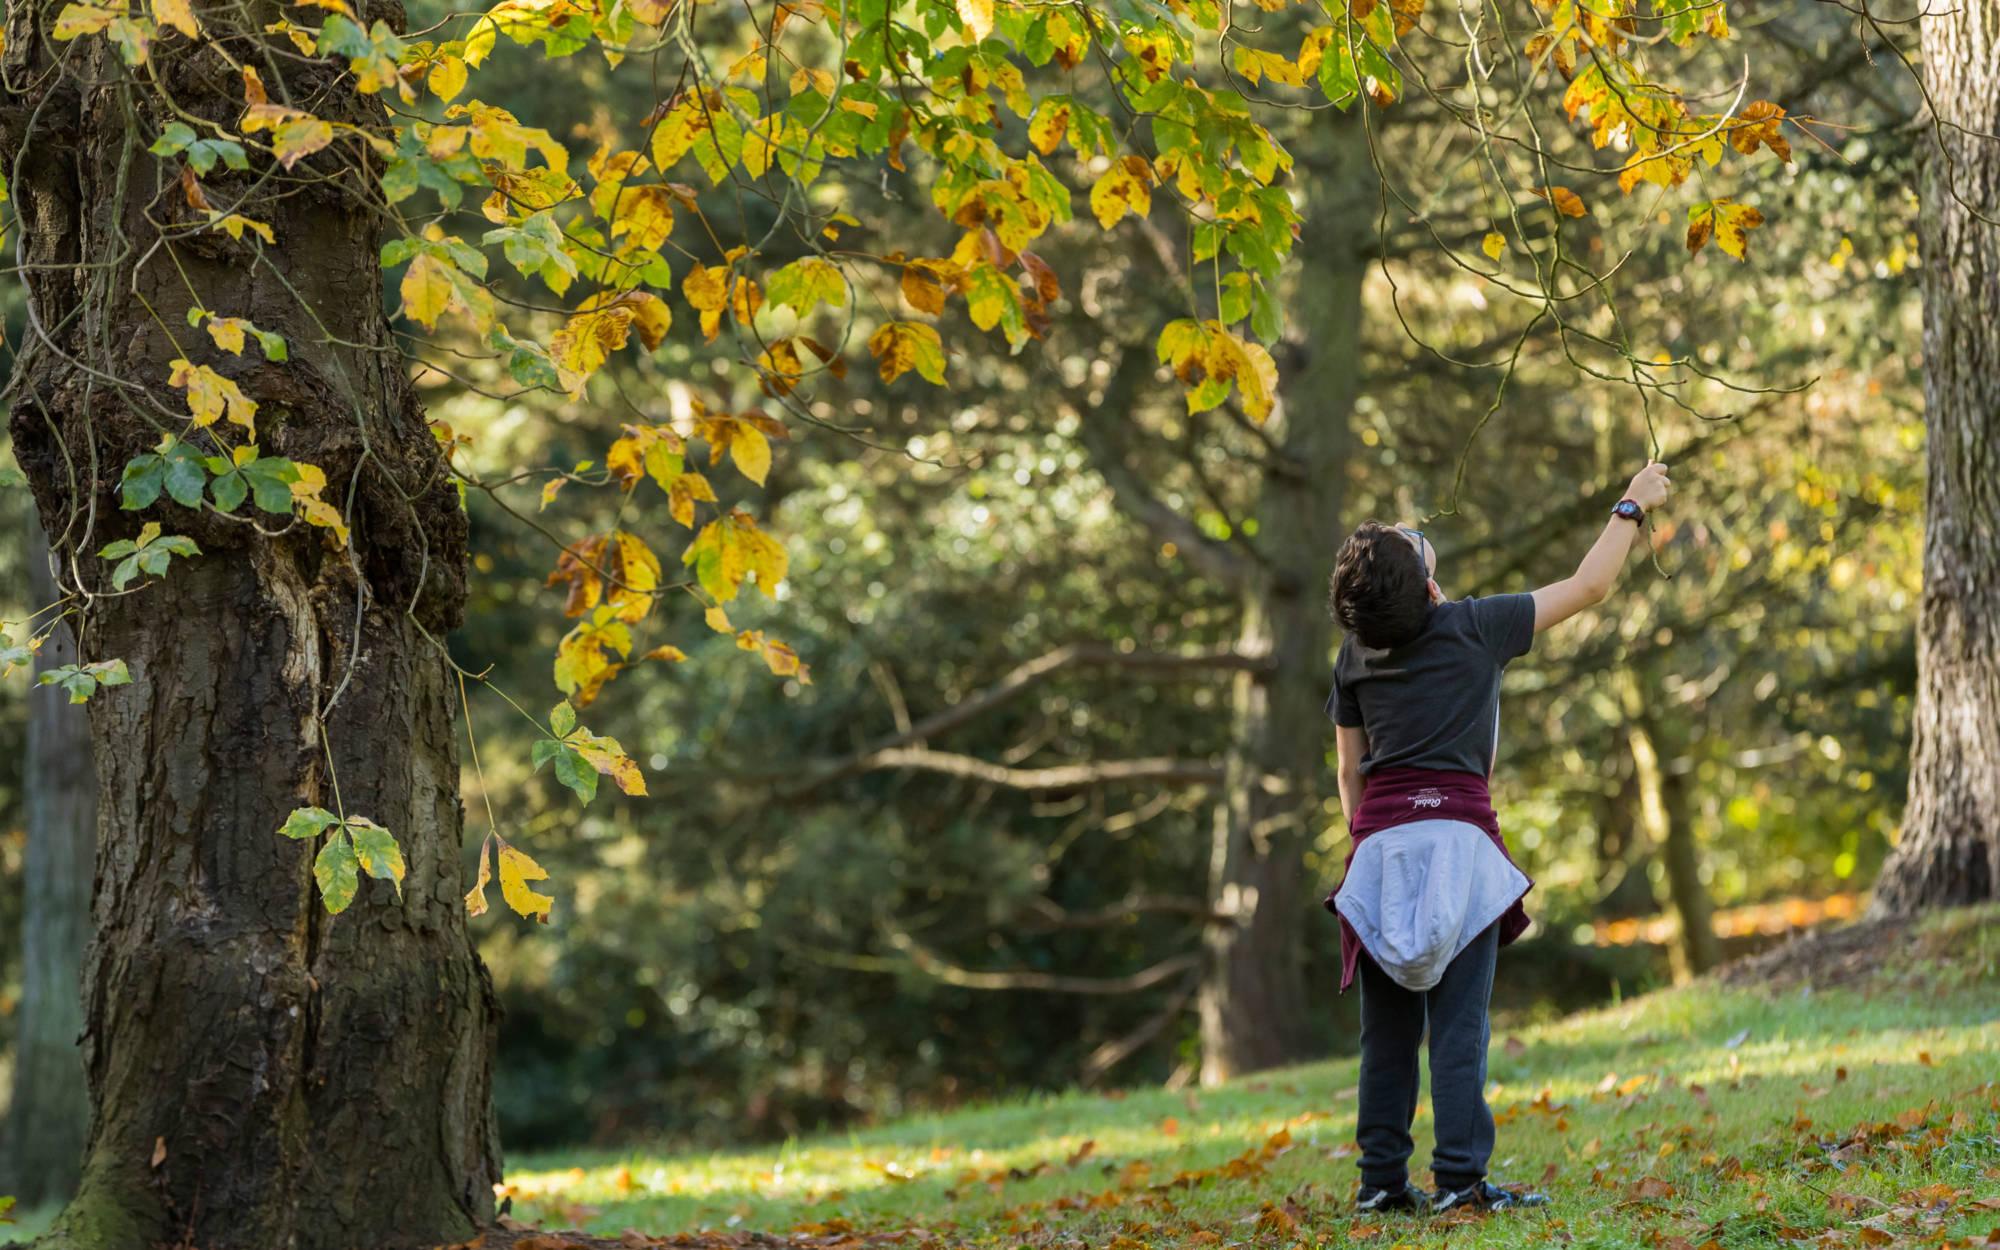 Boy exploring nature at Waddesdon